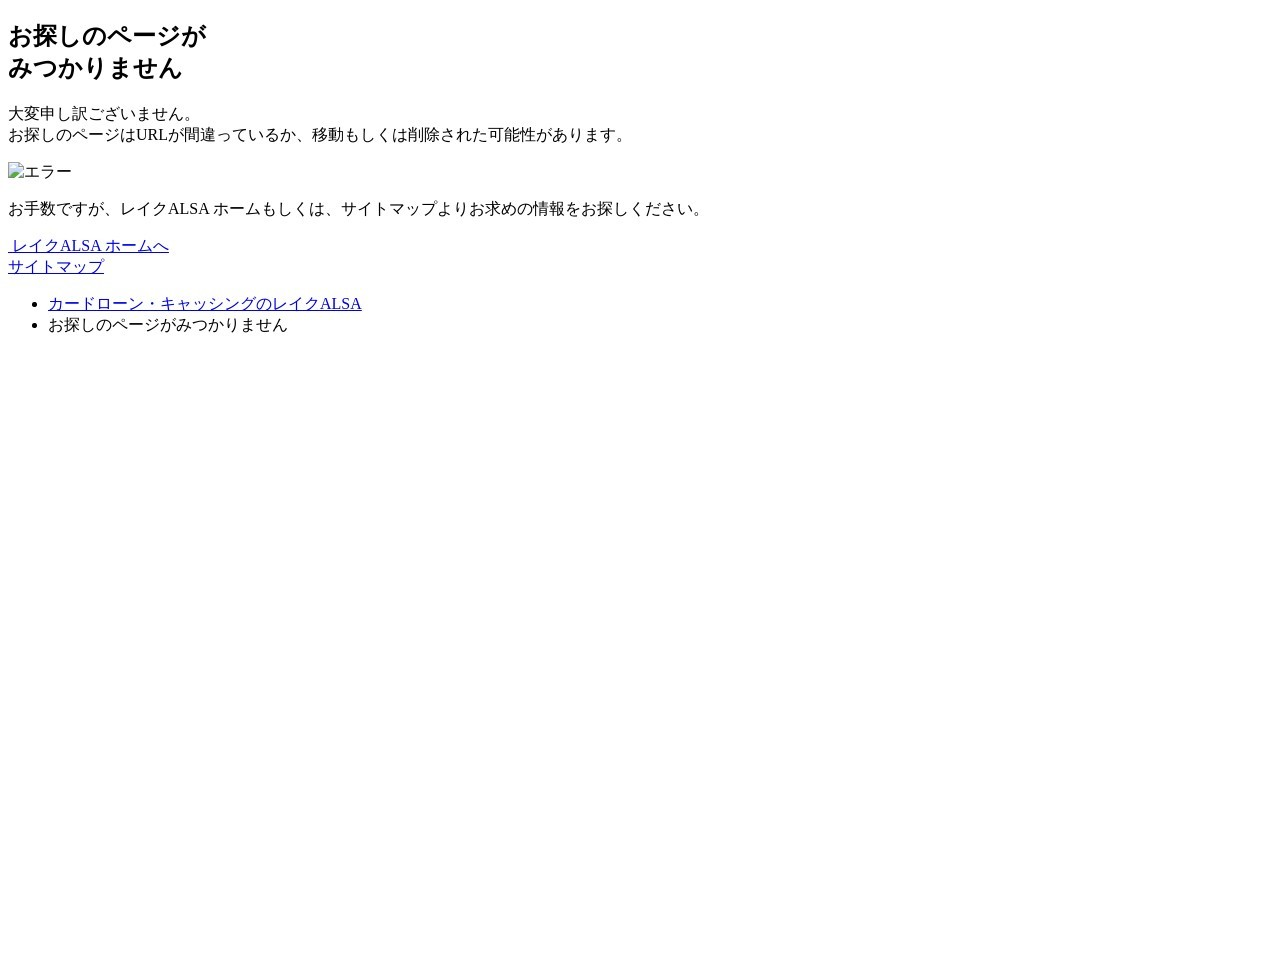 レイクALSA 34号武雄バイパス自動契約コーナー佐賀県 レイクALSA